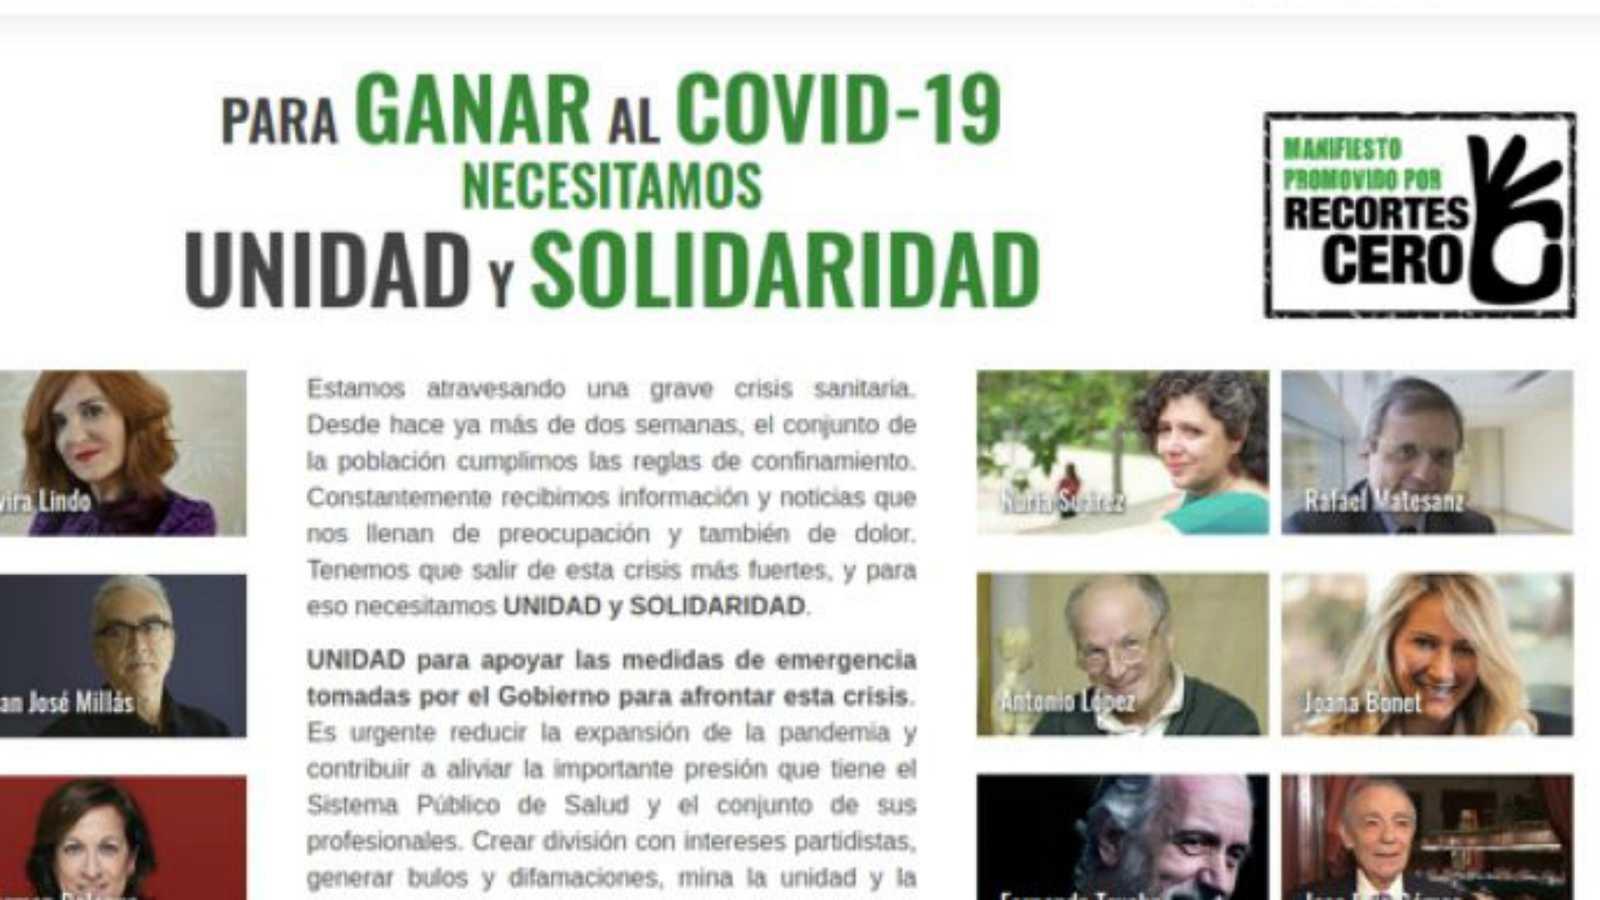 Las mañanas de RNE con Íñigo Alfonso - Recortes Cero pide unidad y solidaridad para salir de la crisis - Escuchar ahora